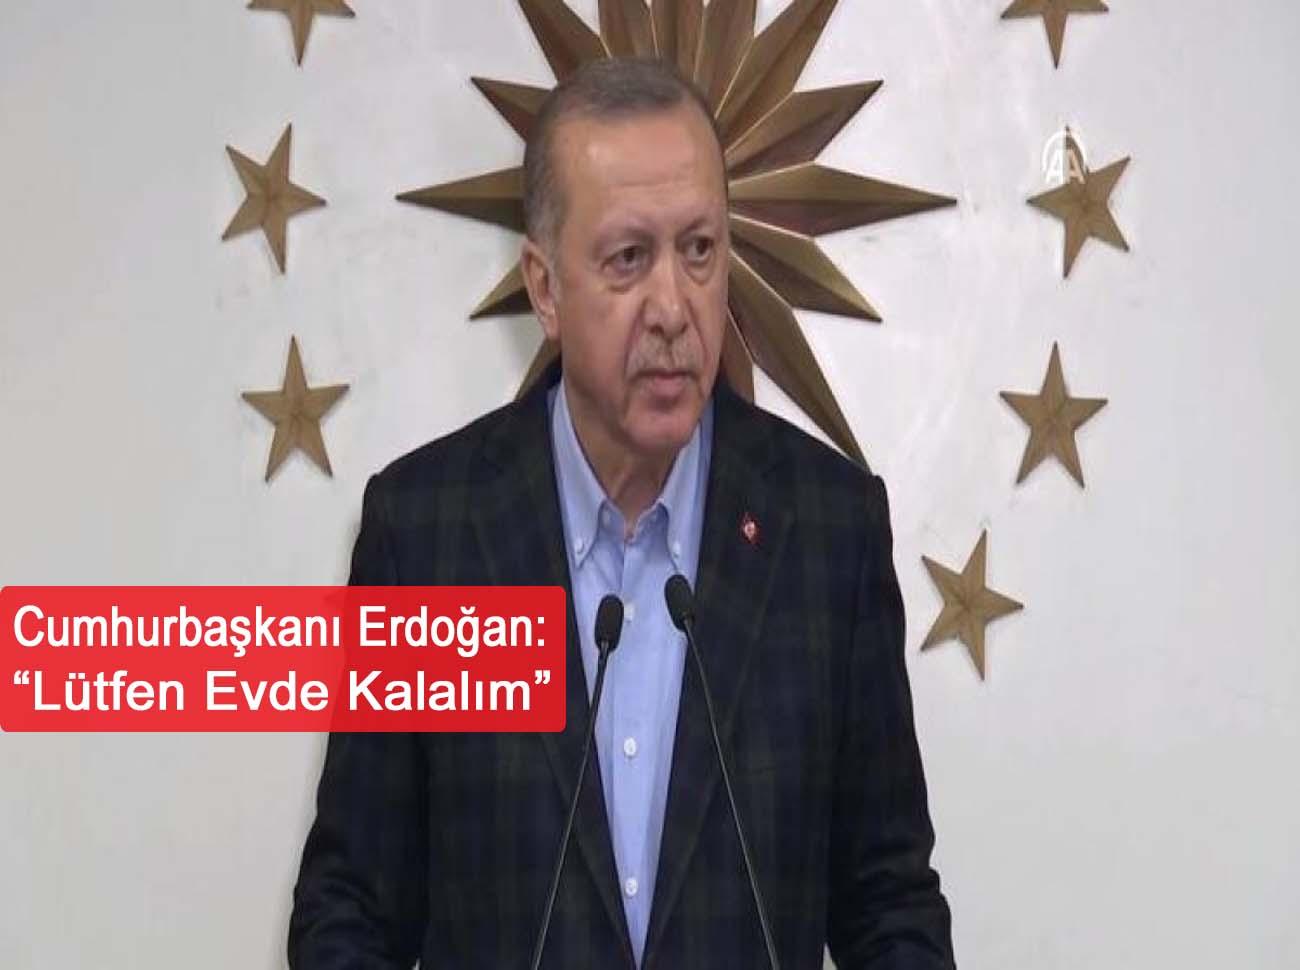 Cumhurbaşkanı Erdoğan Korona Virüs Tedbirlerini Açıkladı